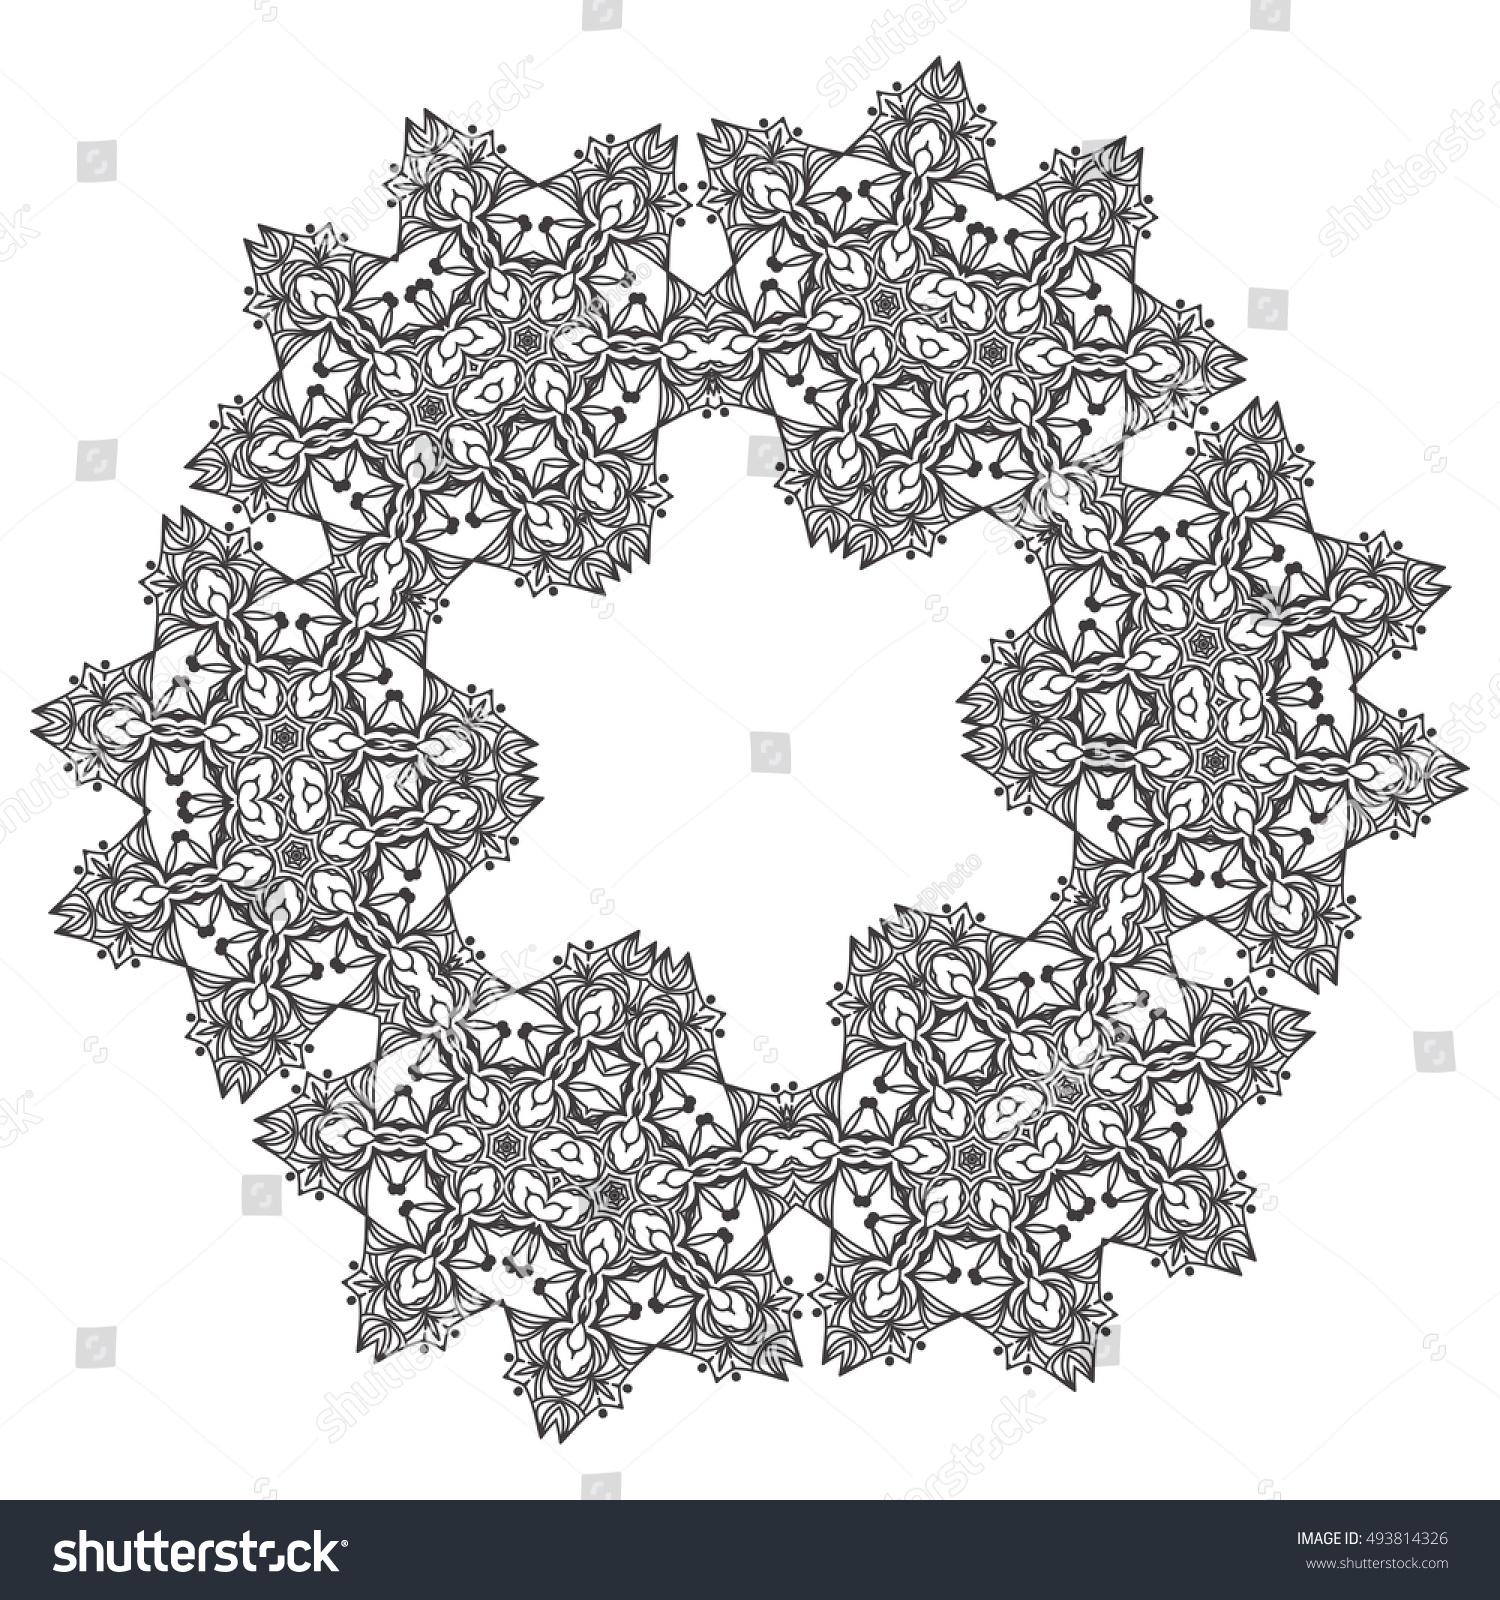 Abstract Lace Snowflake Mandala Ornament Coloring Stock Vector ...